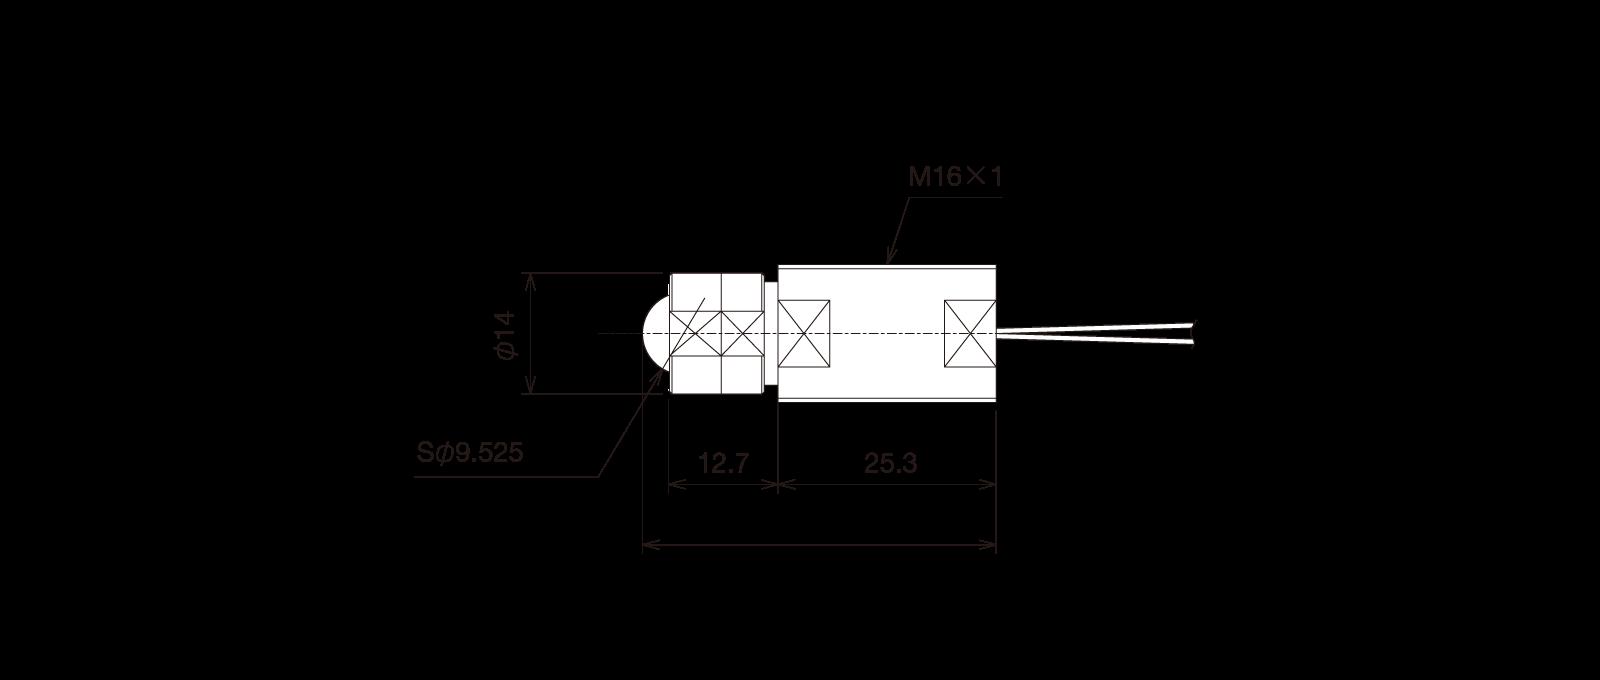 GN-BP161Bの外径寸法図1